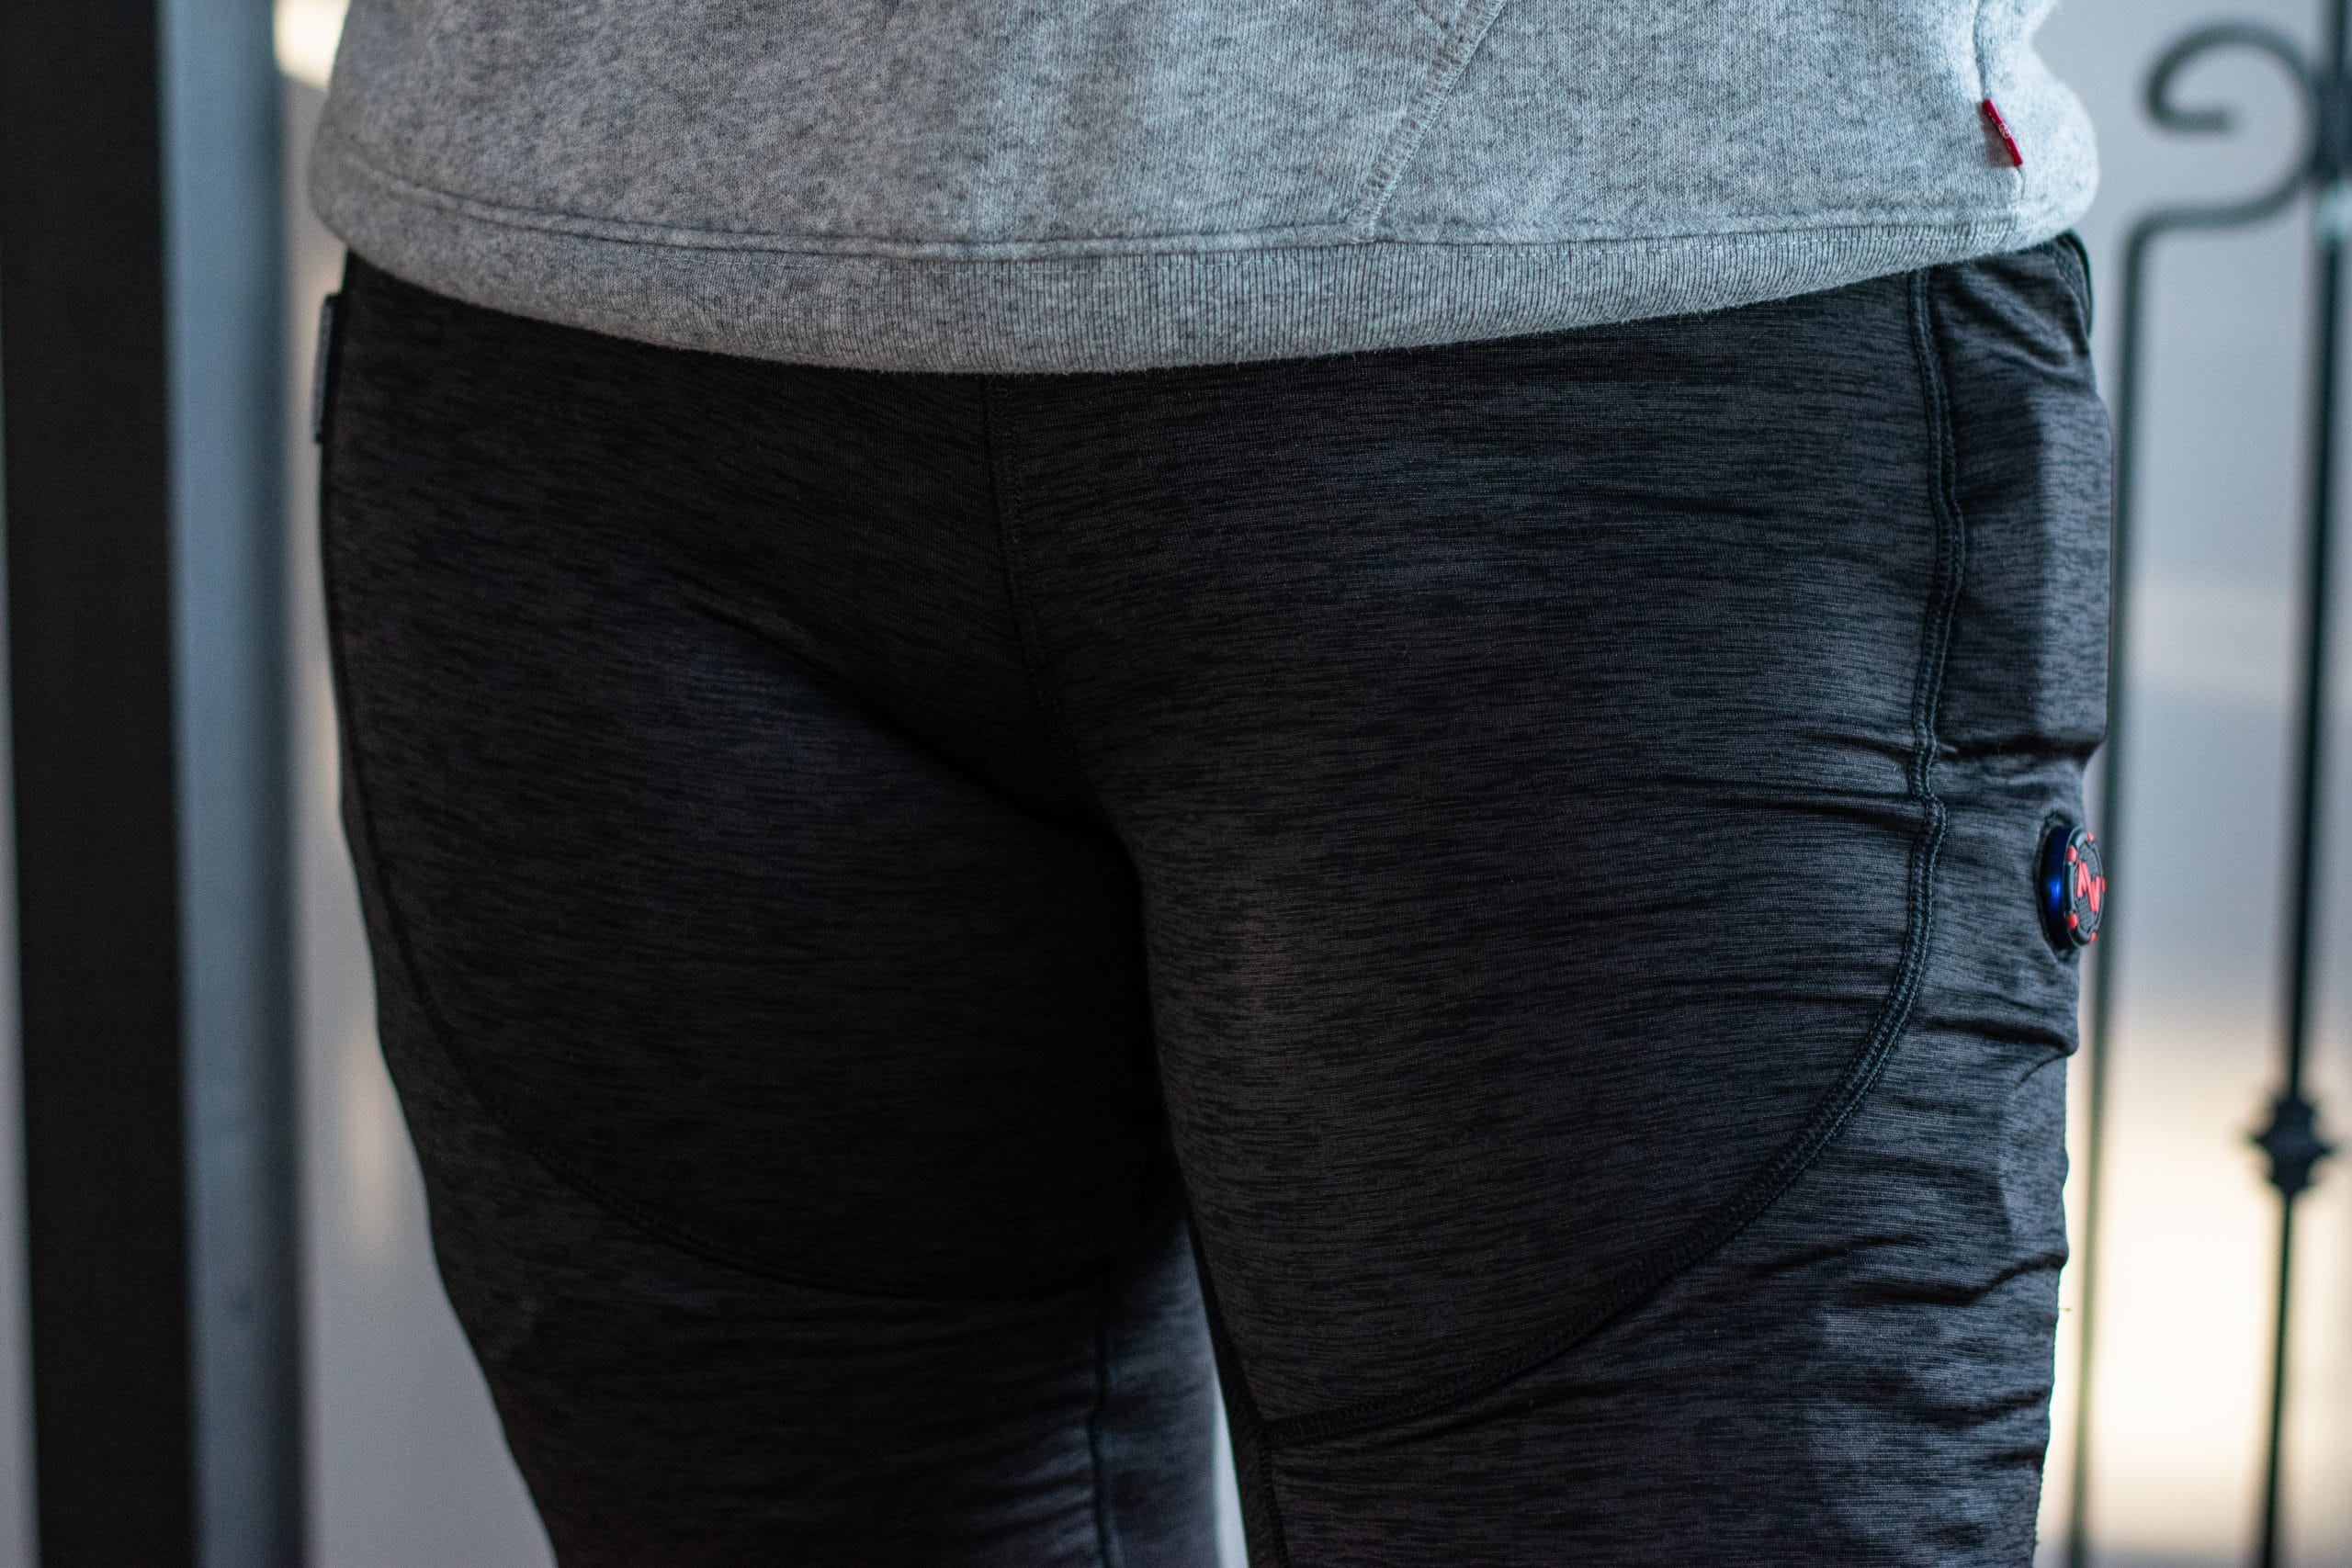 sous-vêtements chauffants de Kimpex 2021